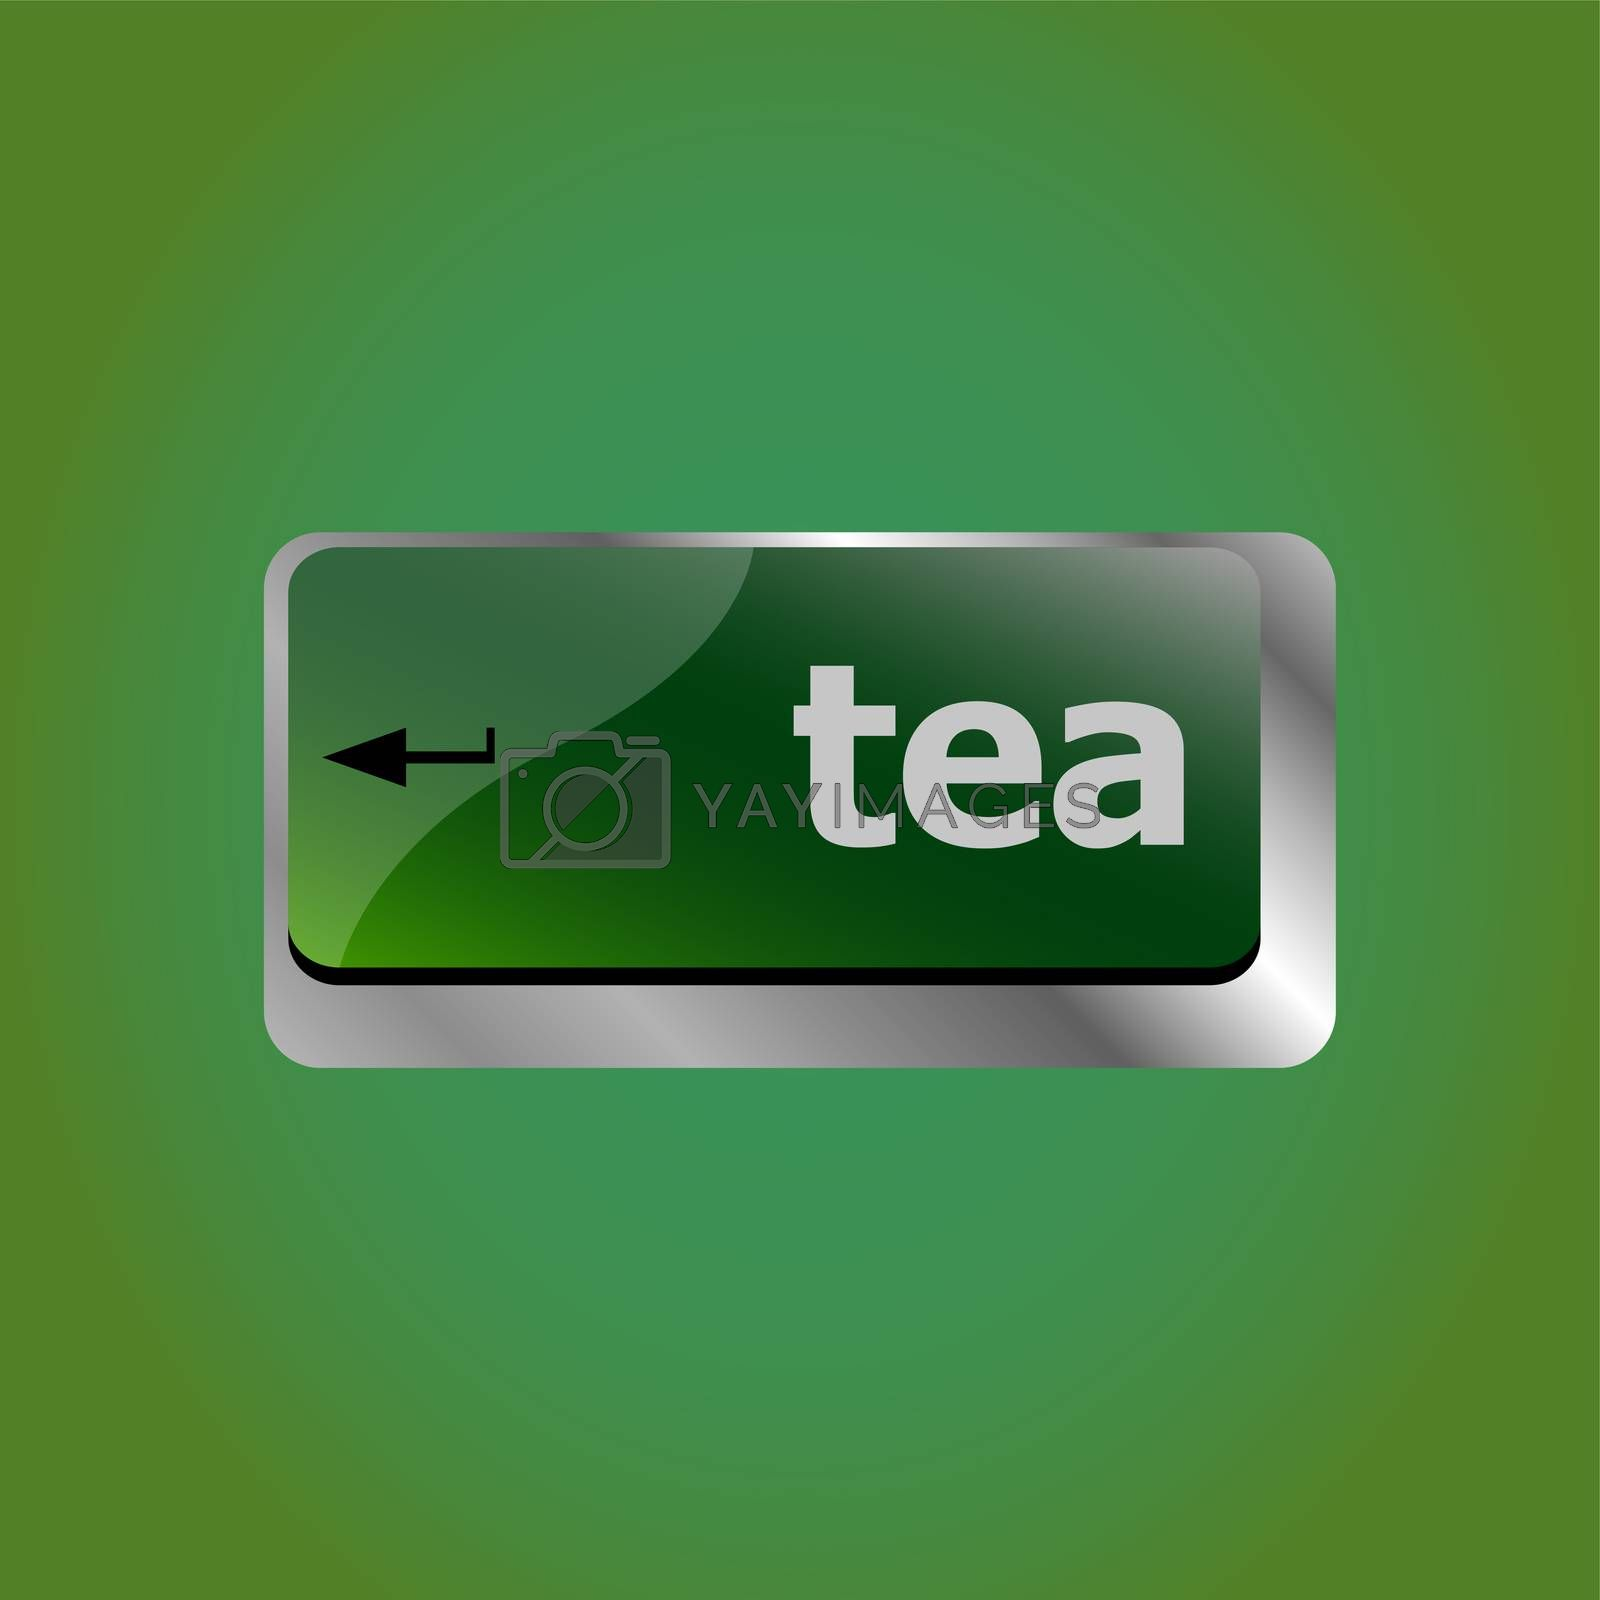 computer keyboard keys with tea break button